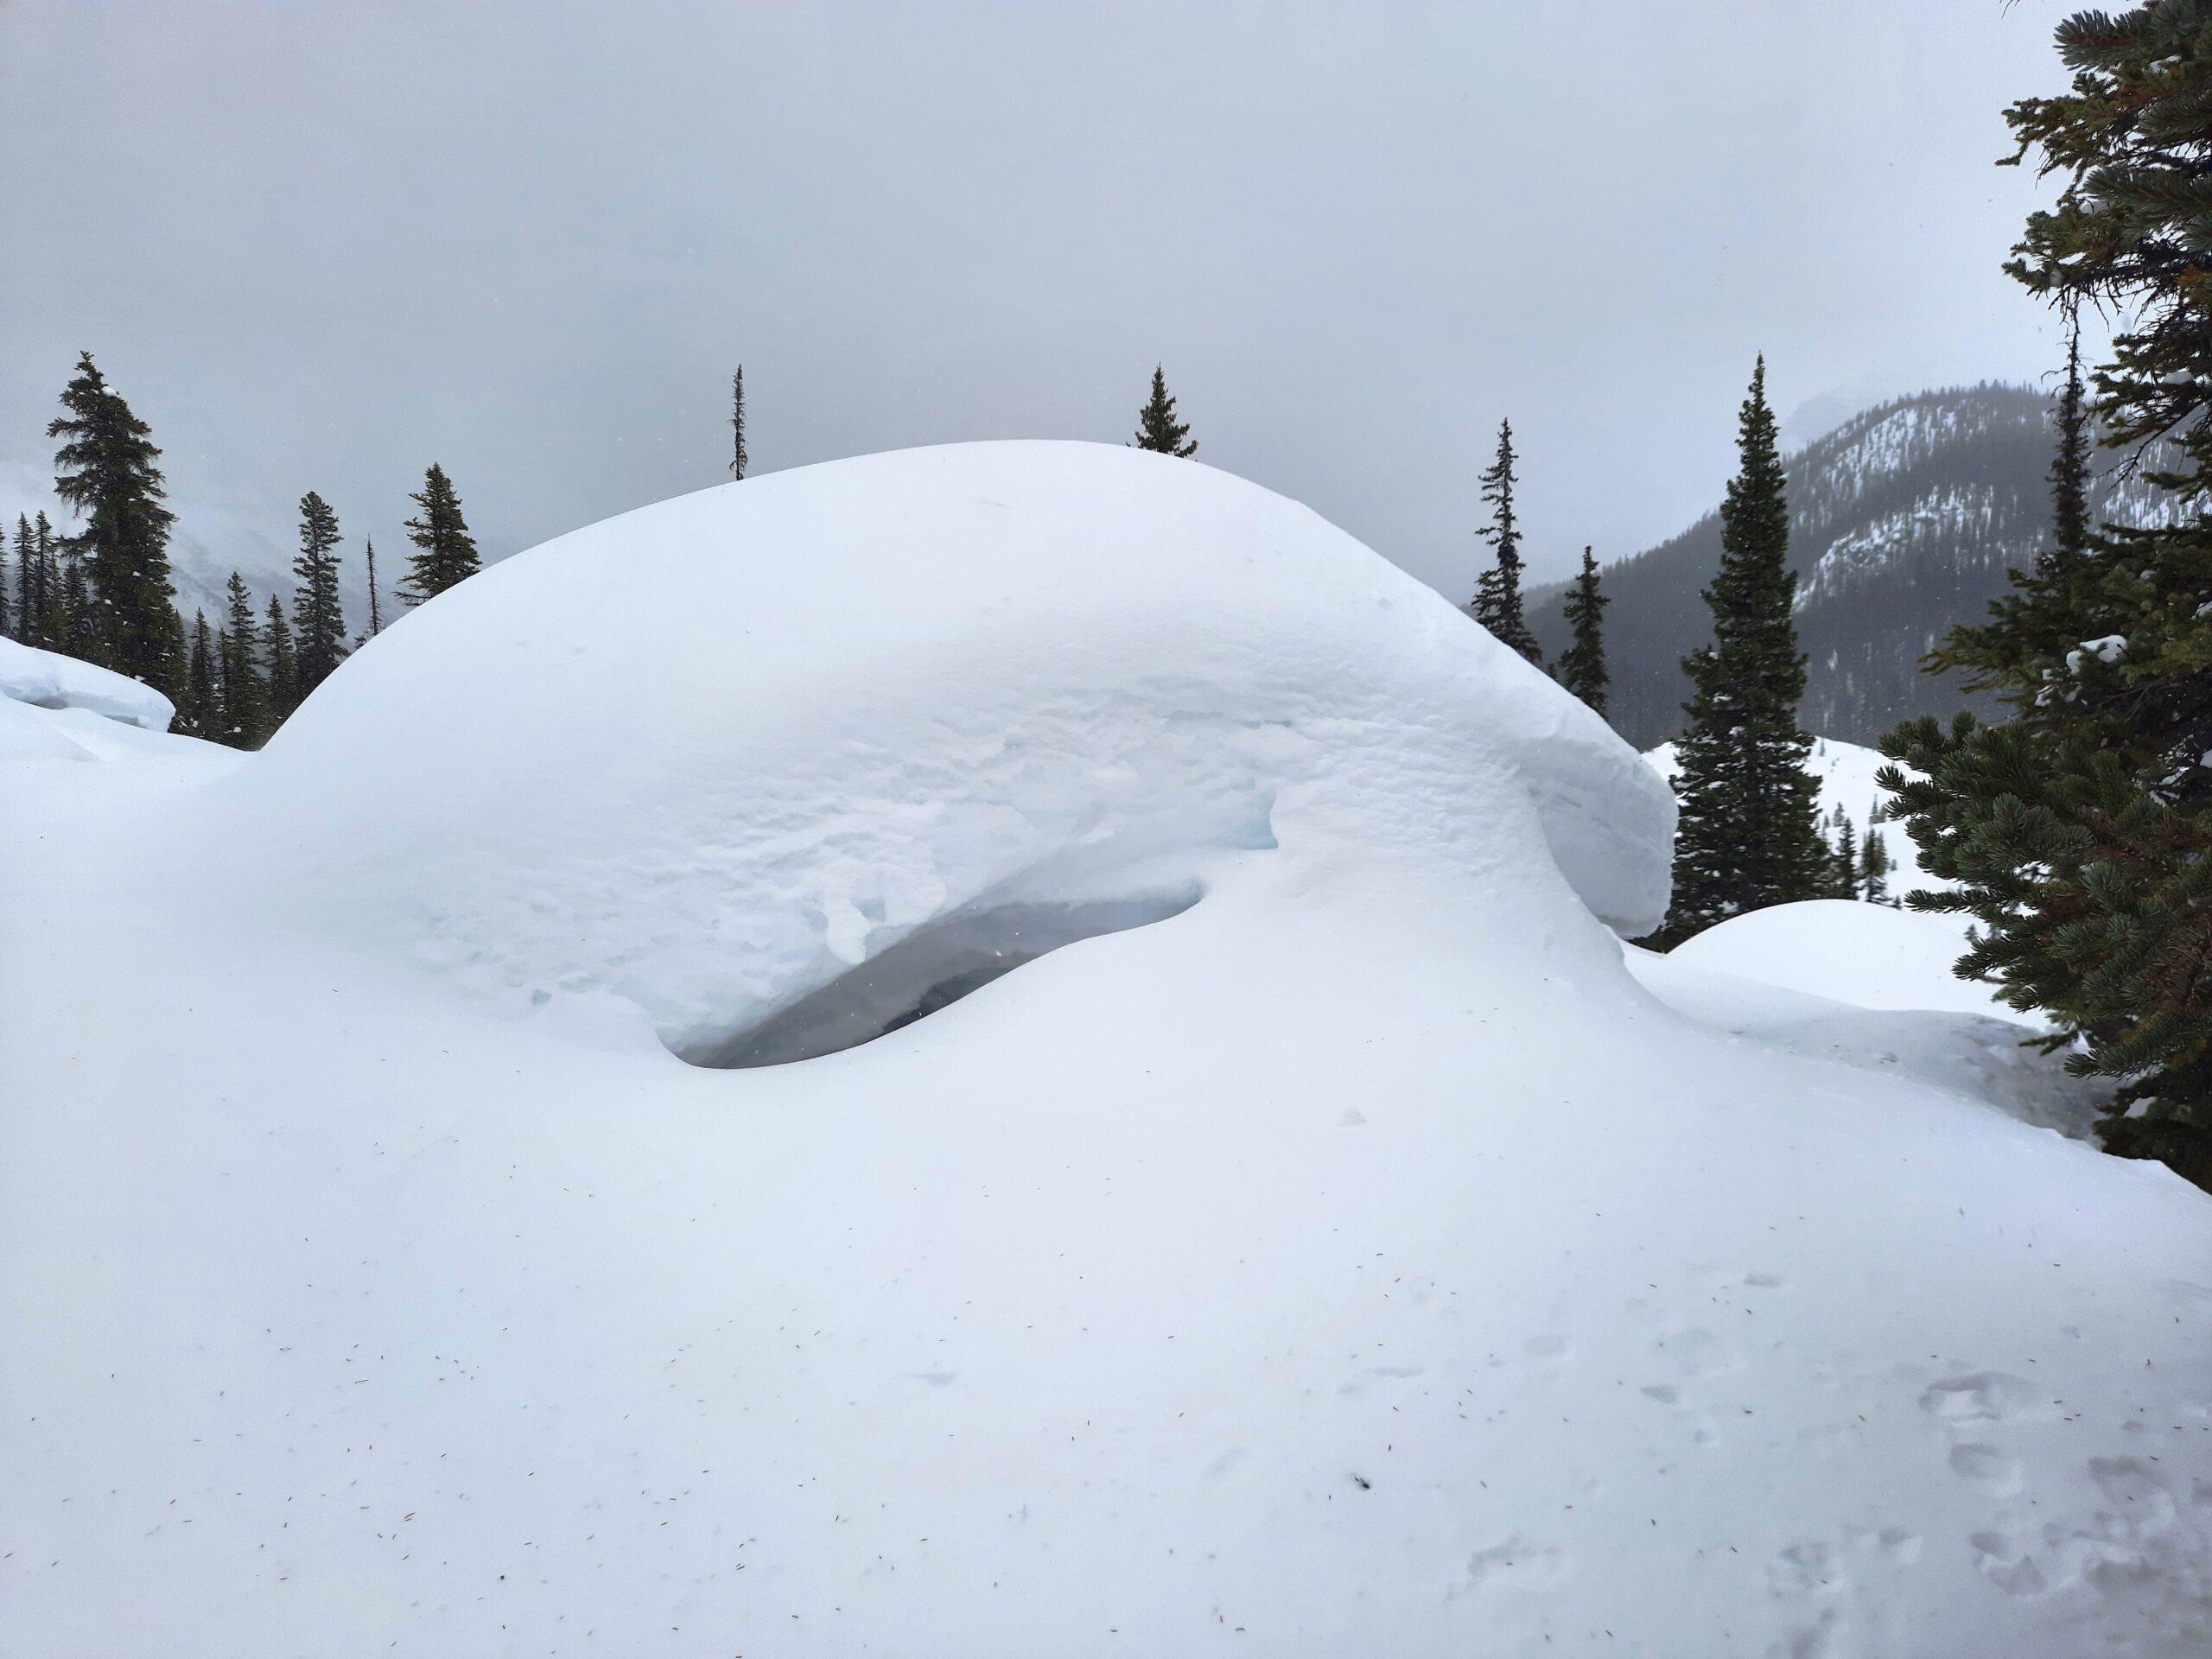 No lack of snow coverage